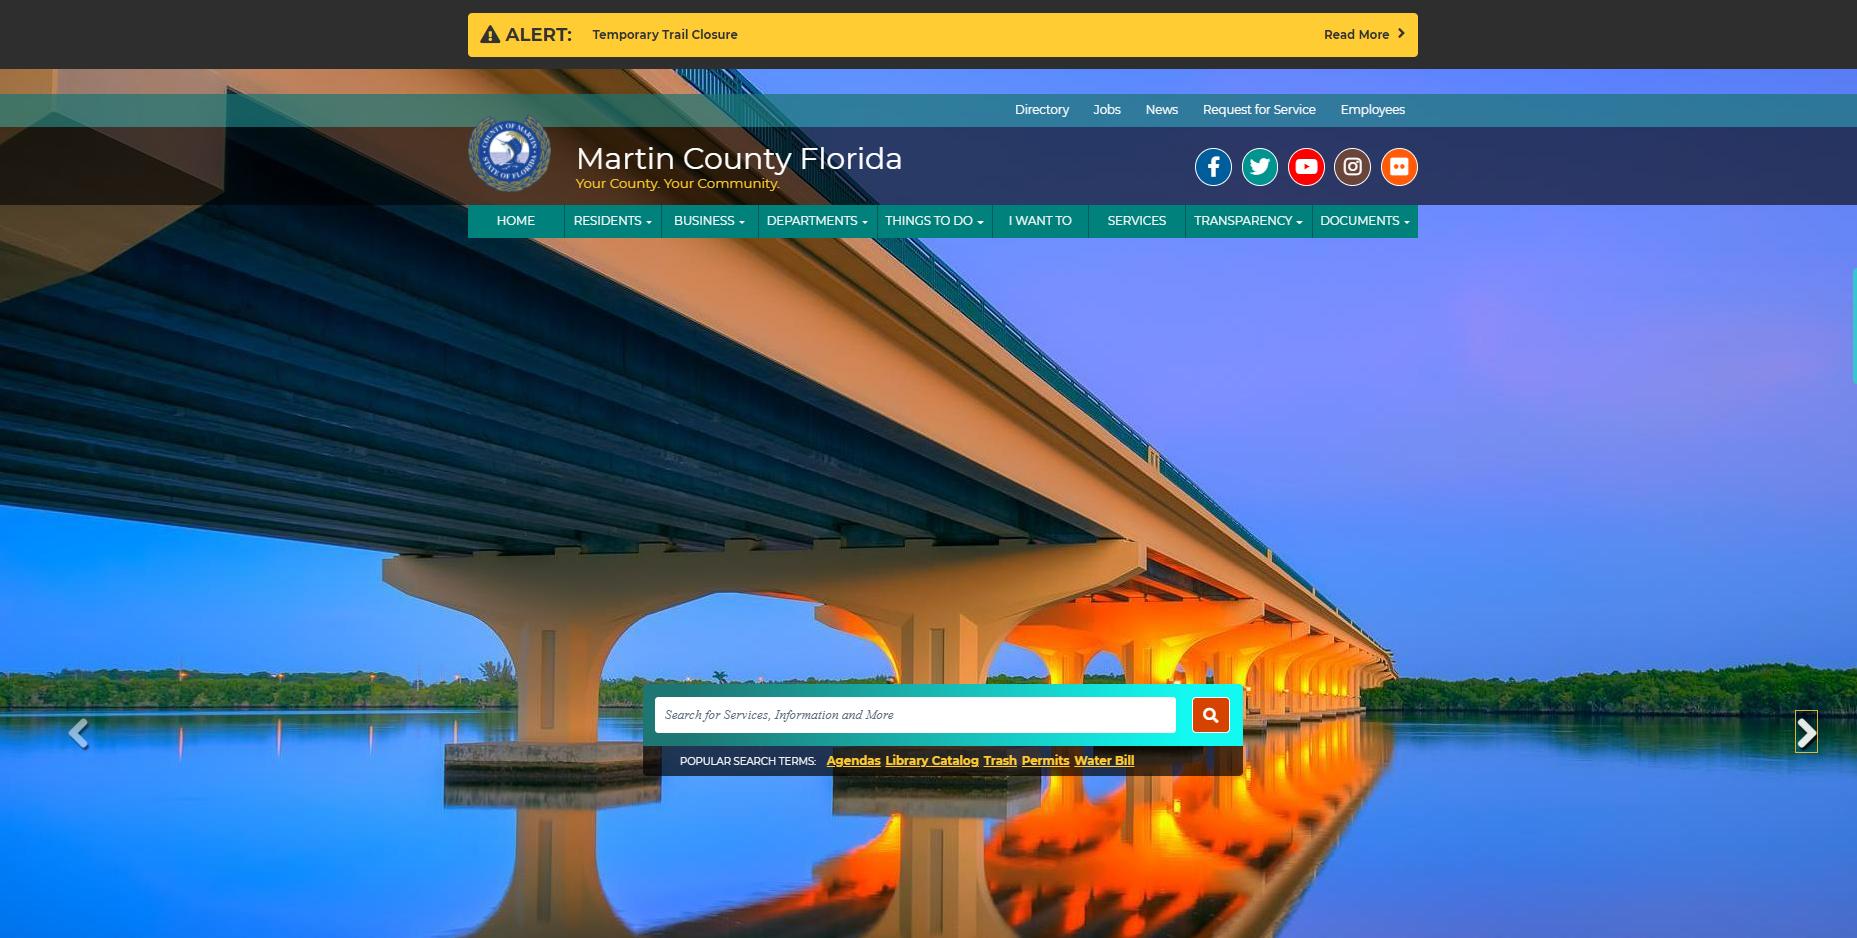 Martin County Florida website